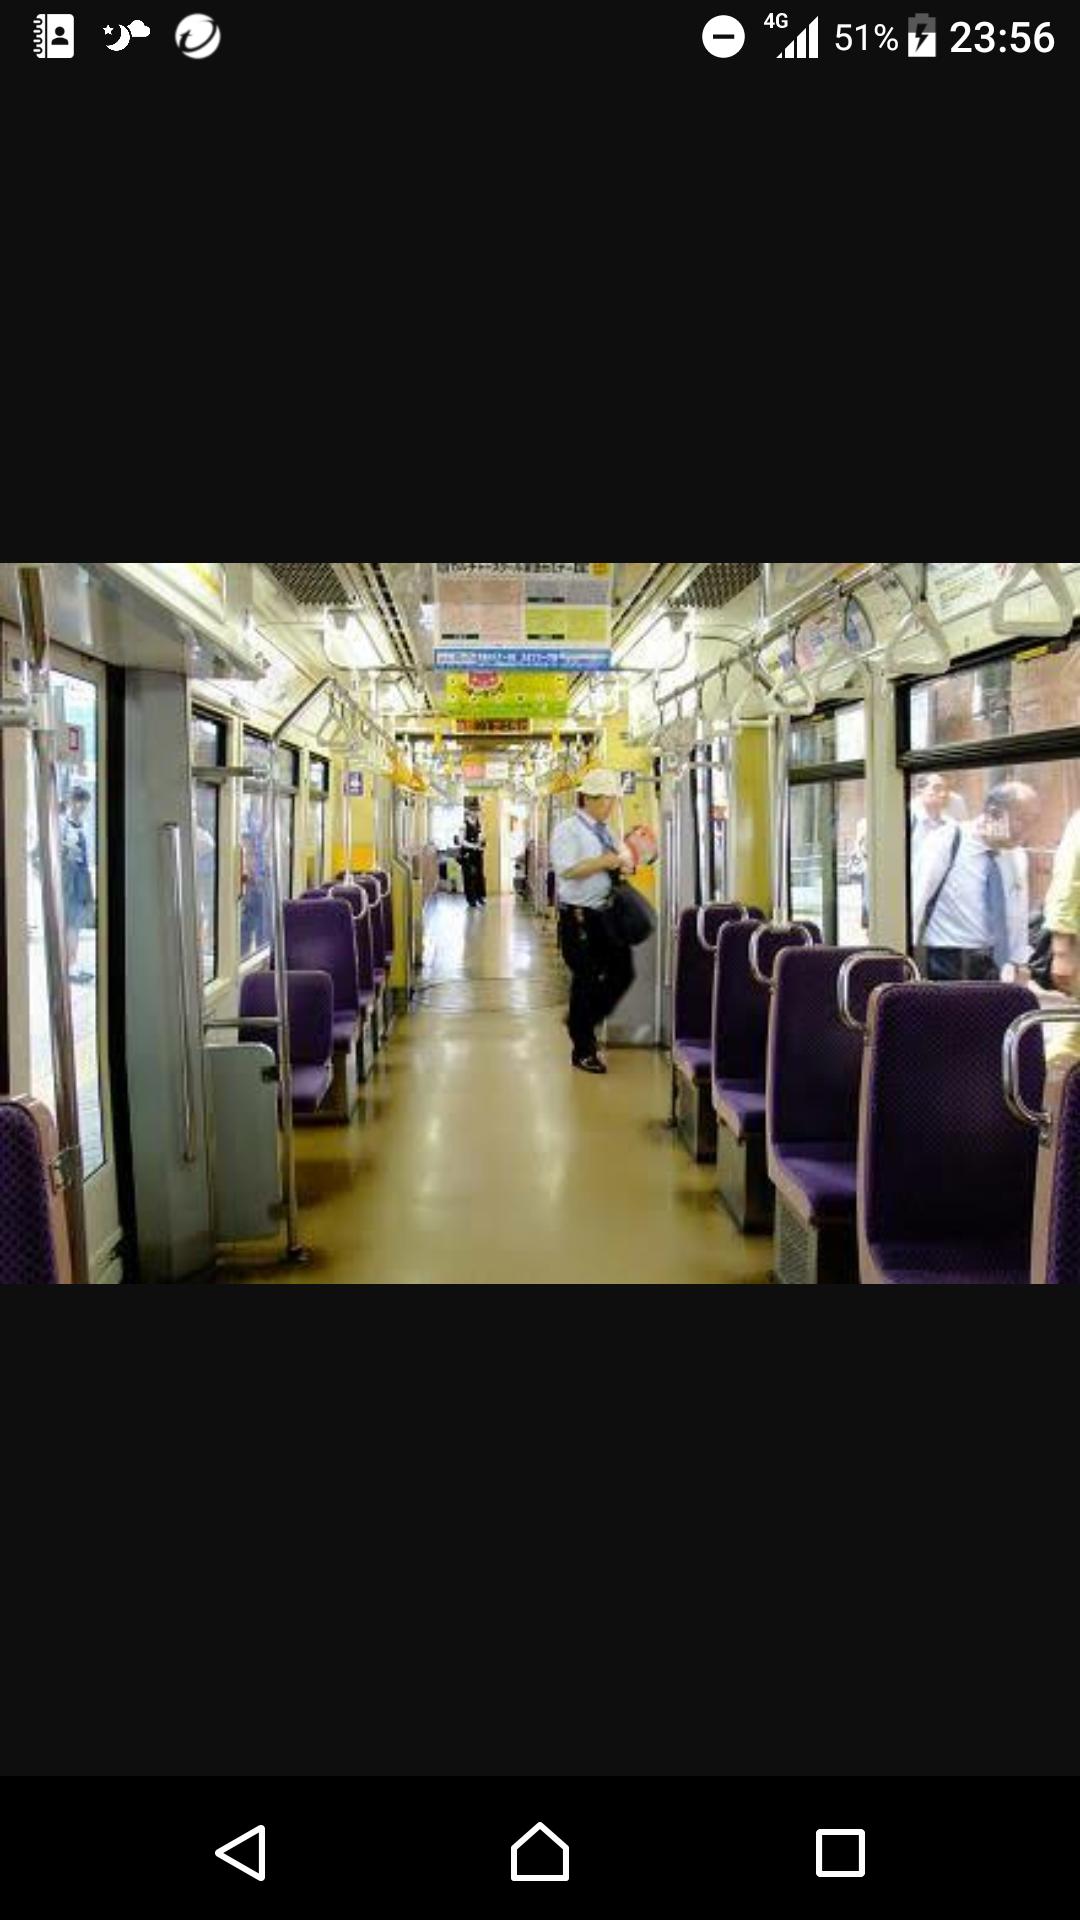 電車やバスに「デブ税」導入して!そんな主張は「差別」?議論白熱